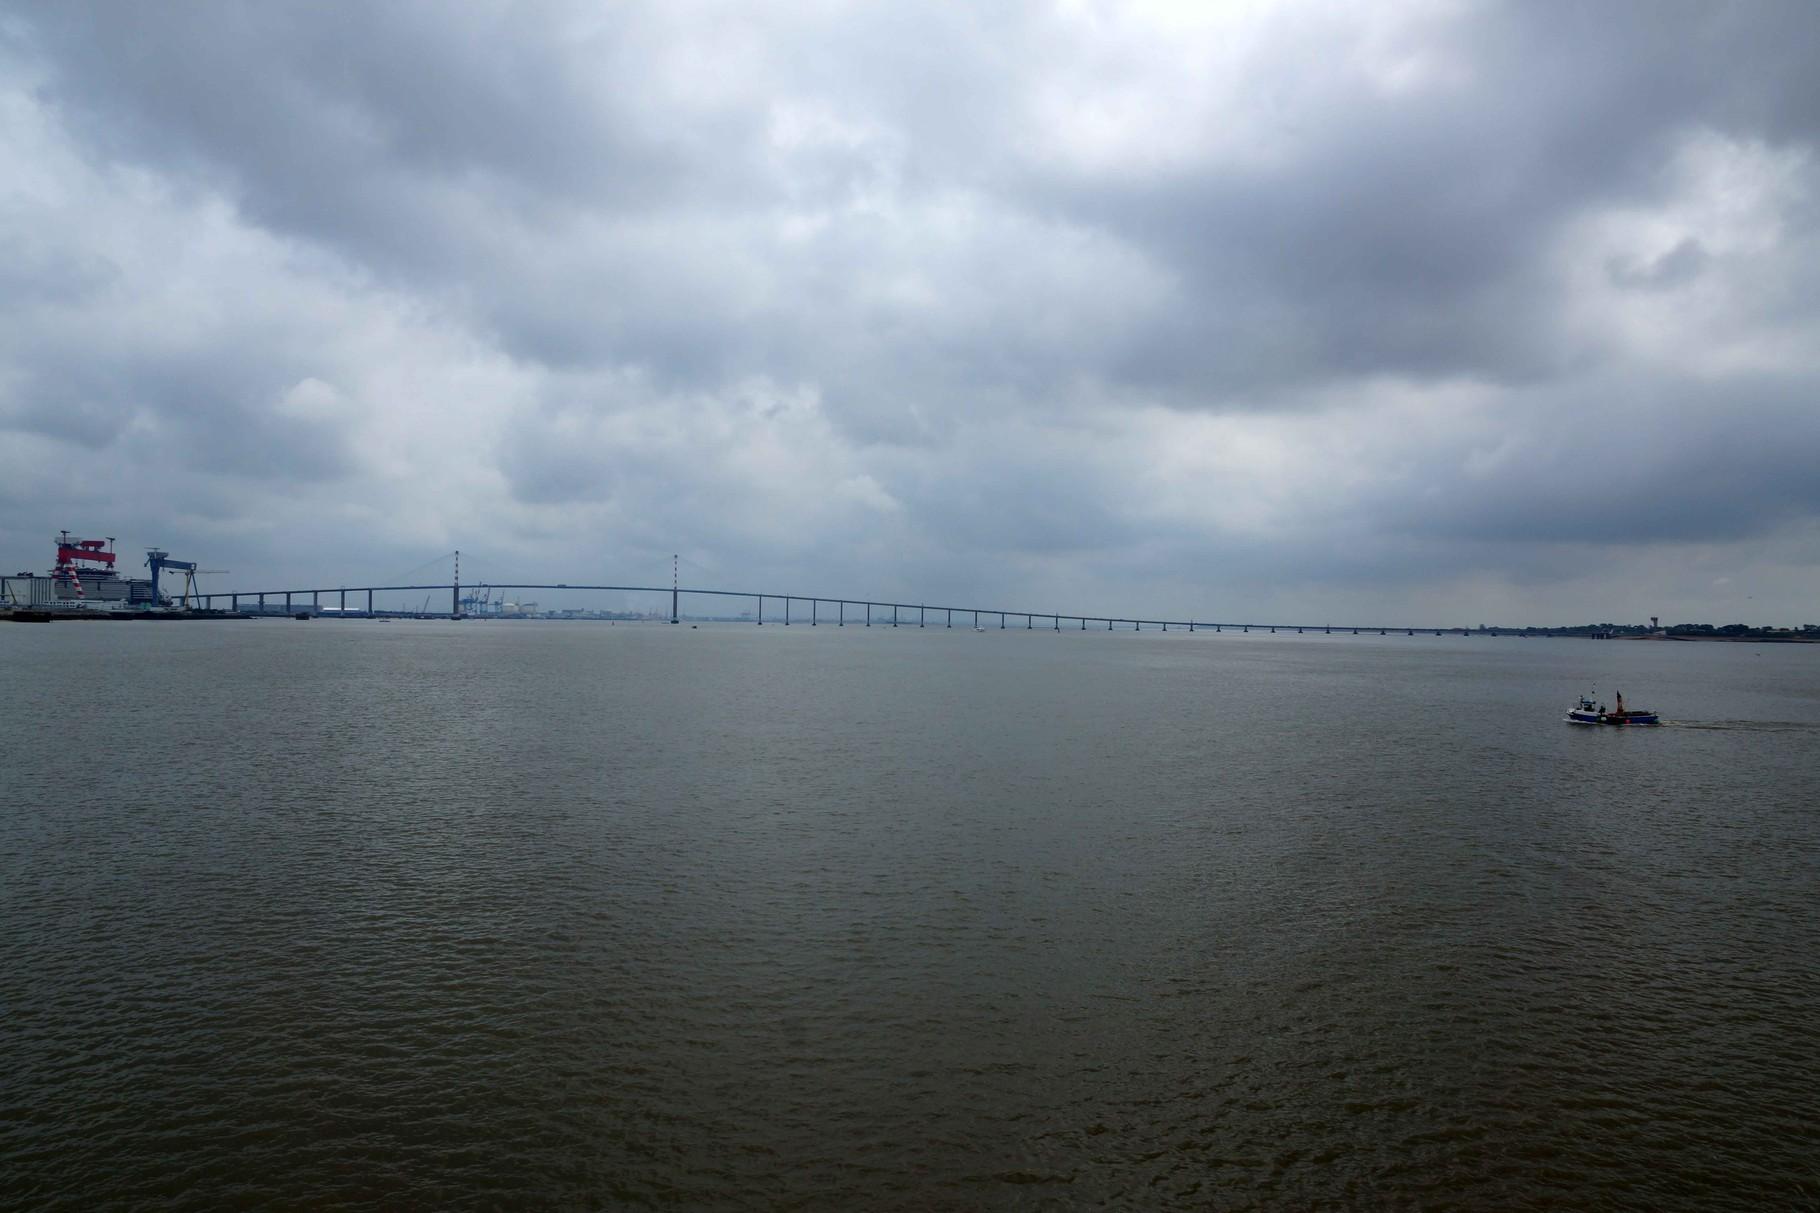 Sur le pont !